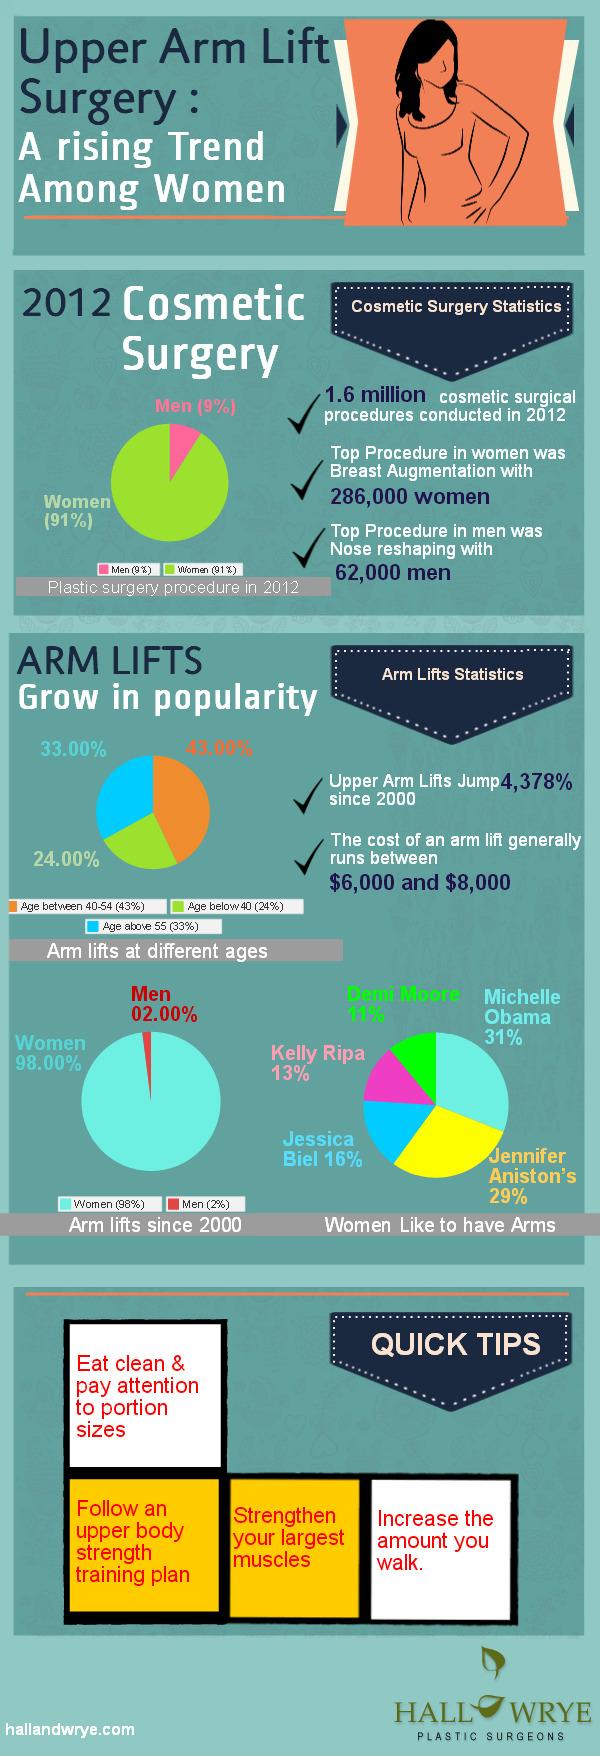 upper-arm-lift-surgery--a-rising-trend-among-women_525b8b8da9c3e